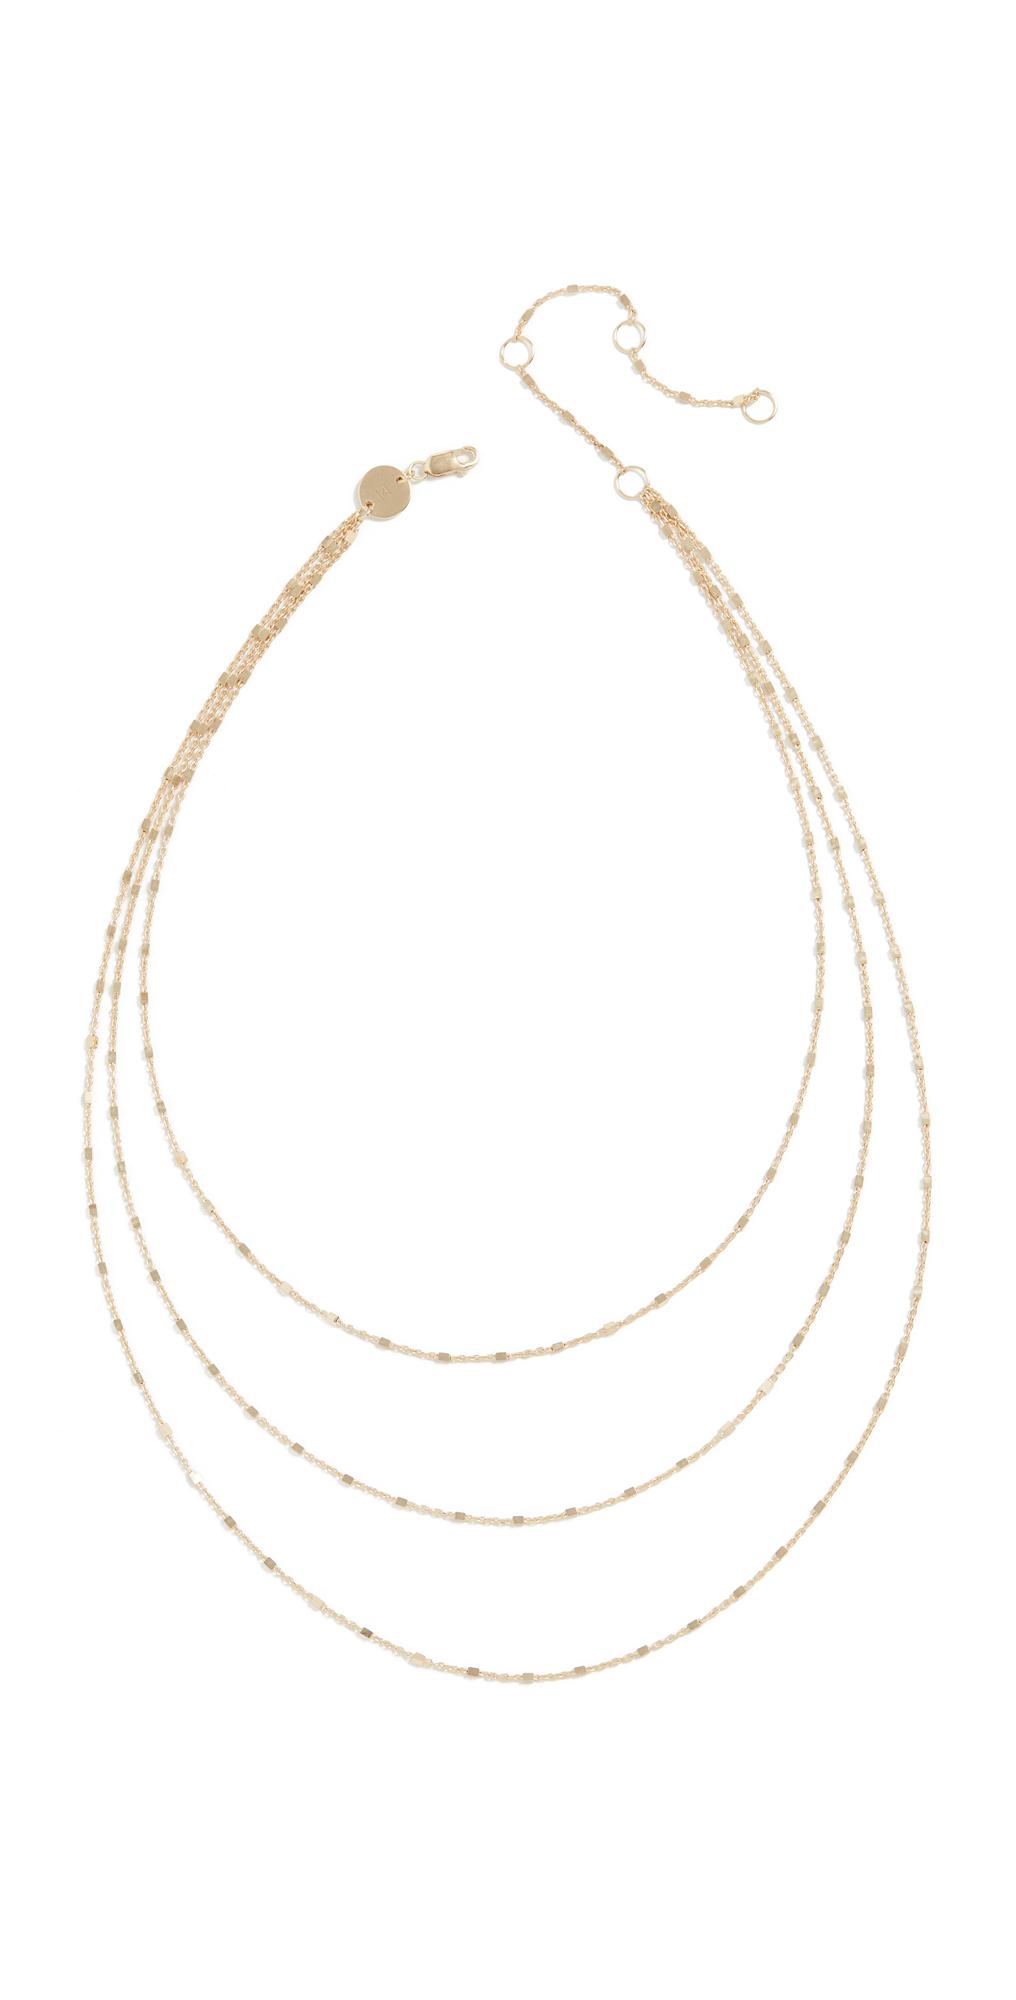 Marchel Necklace